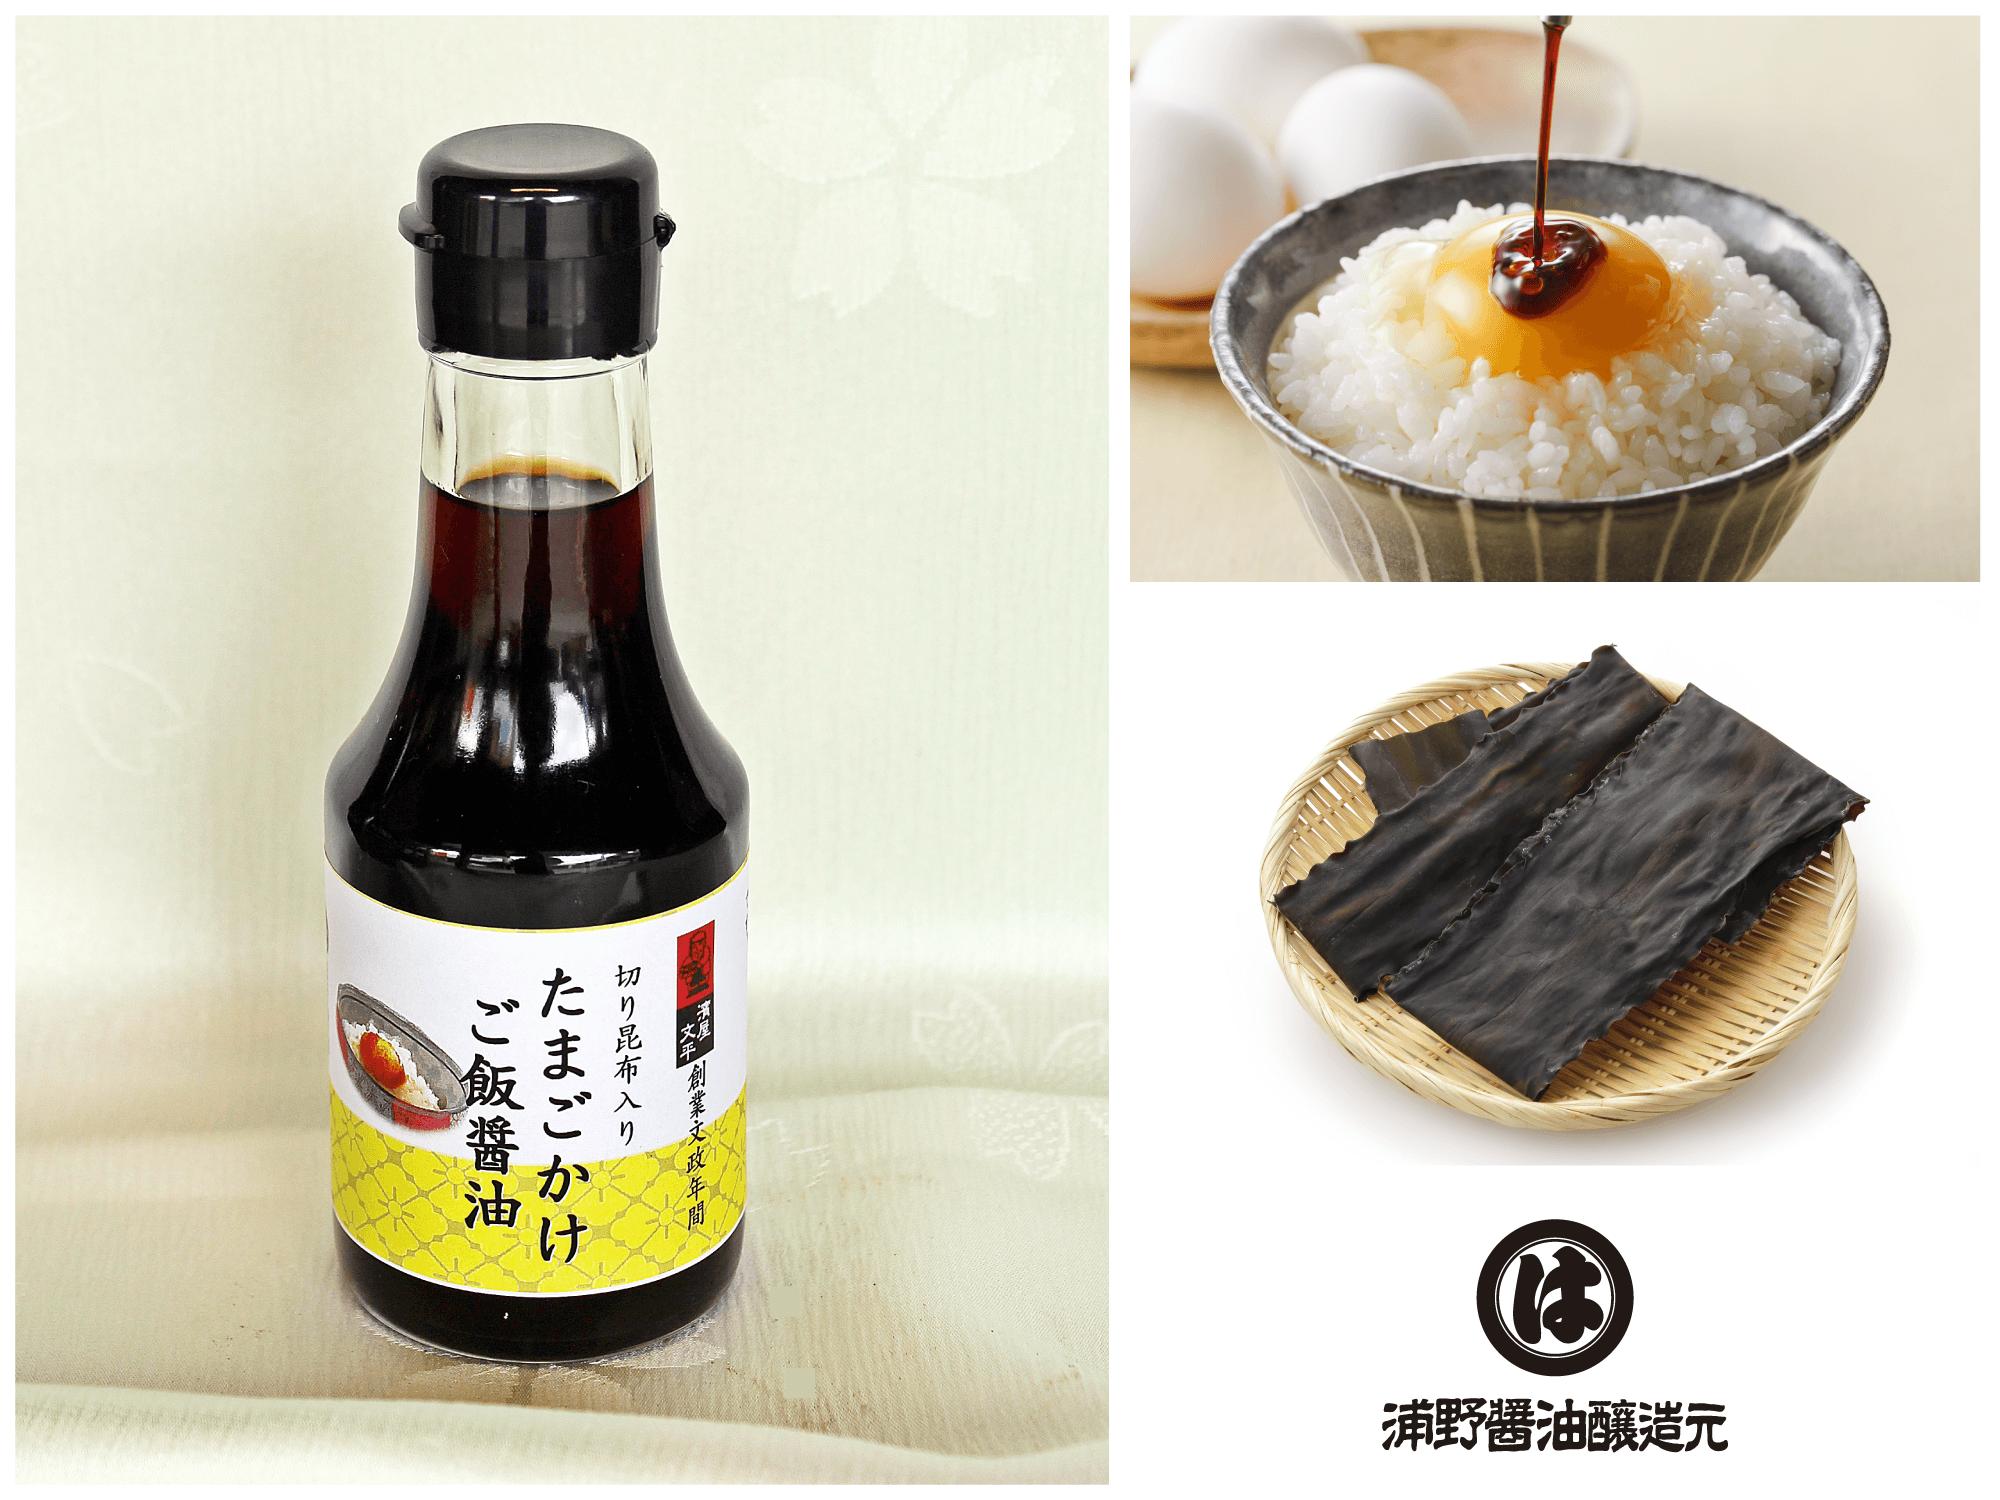 たまごかけご飯醤油(切り昆布入り)